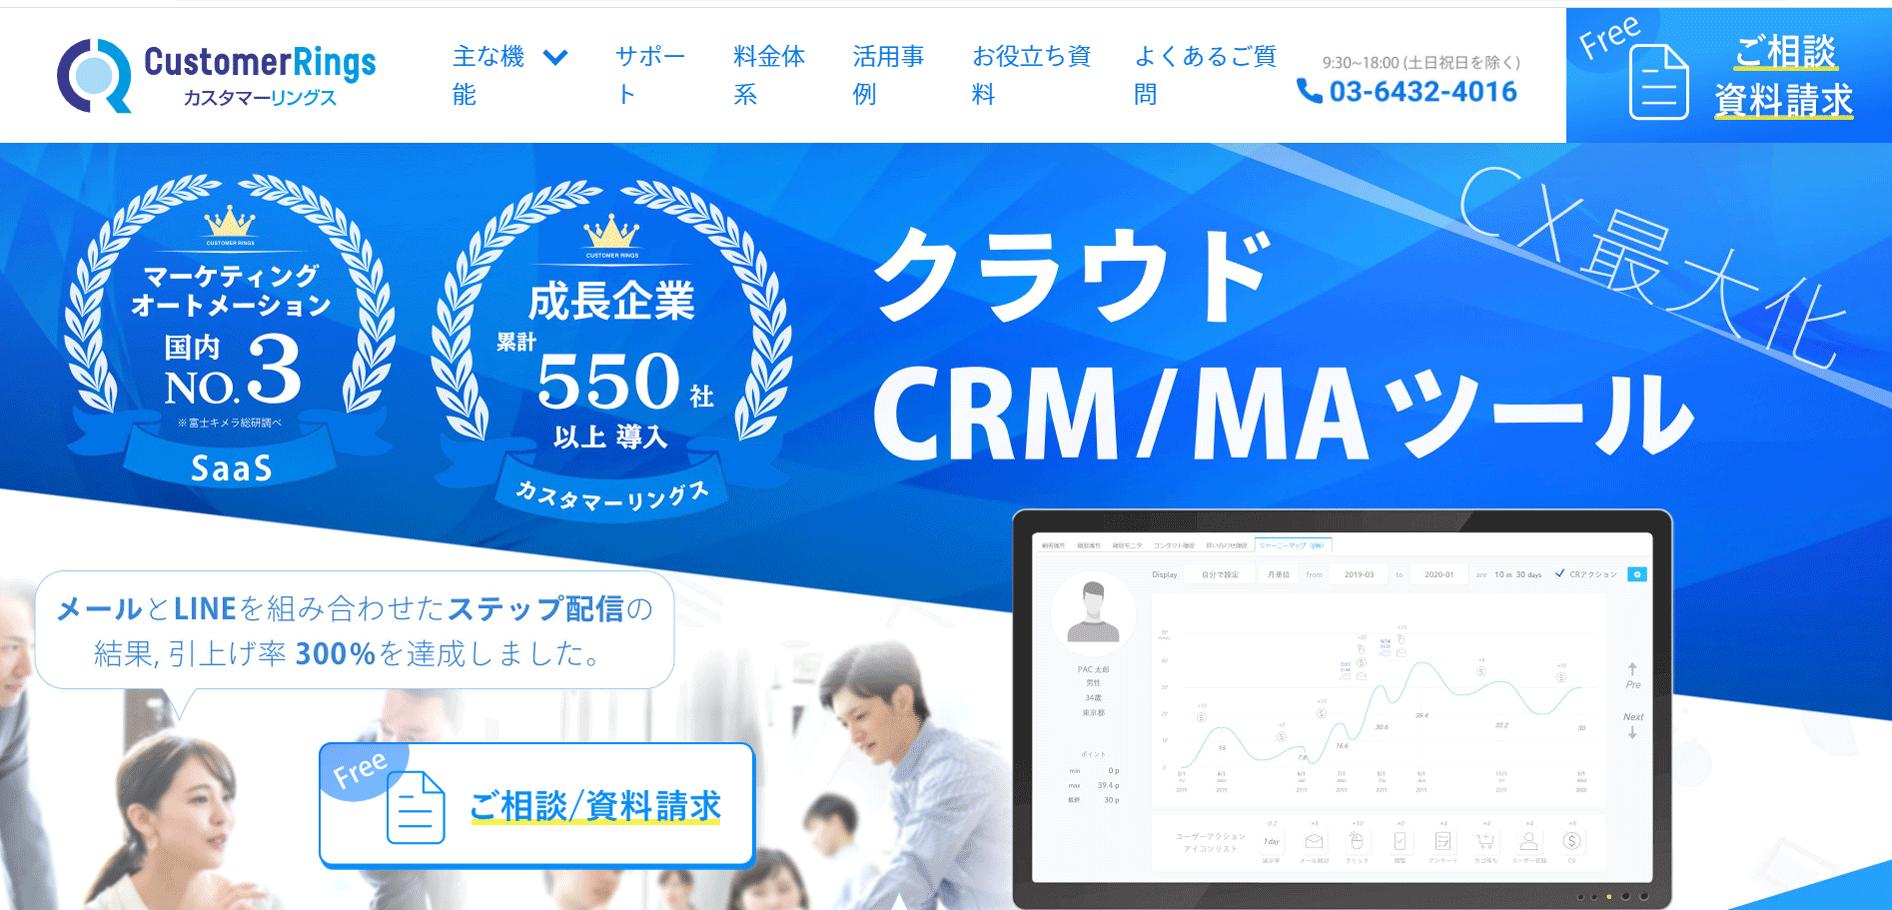 株式会社プラスアルファ・コンサルティング「カスタマーリングス」のスクリーンショット